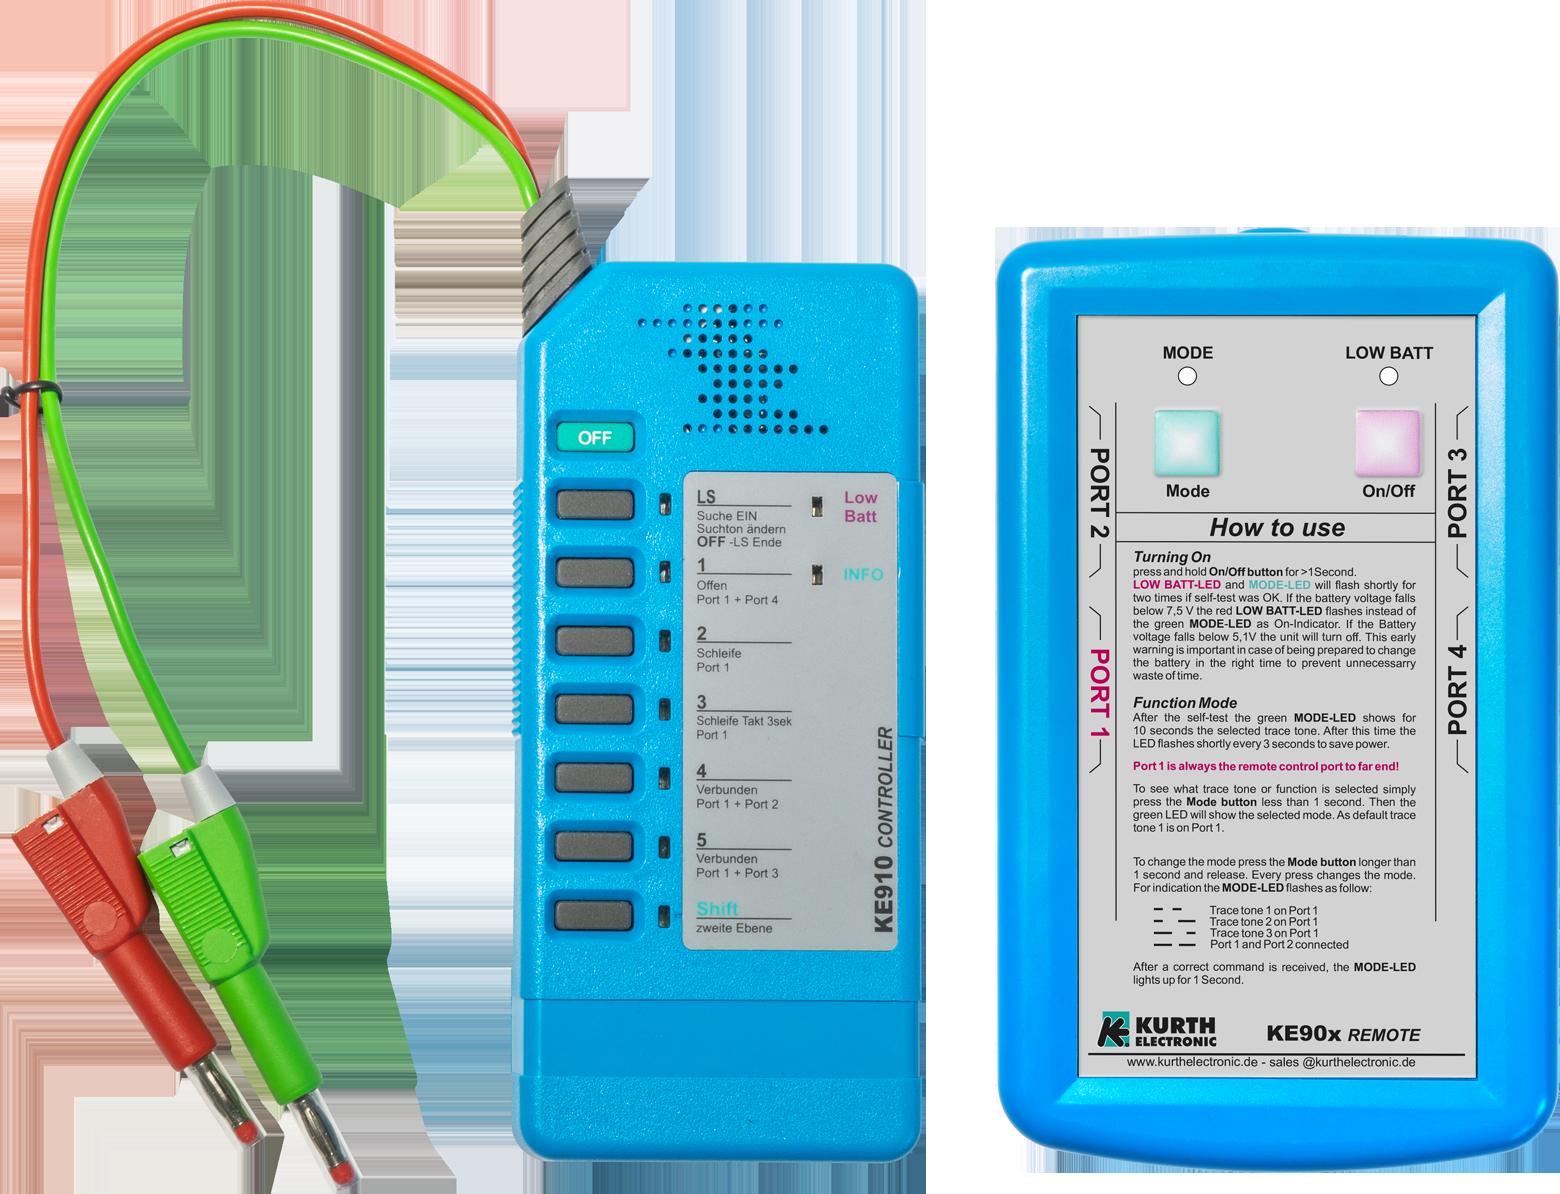 KE901 Loop Test Assistant